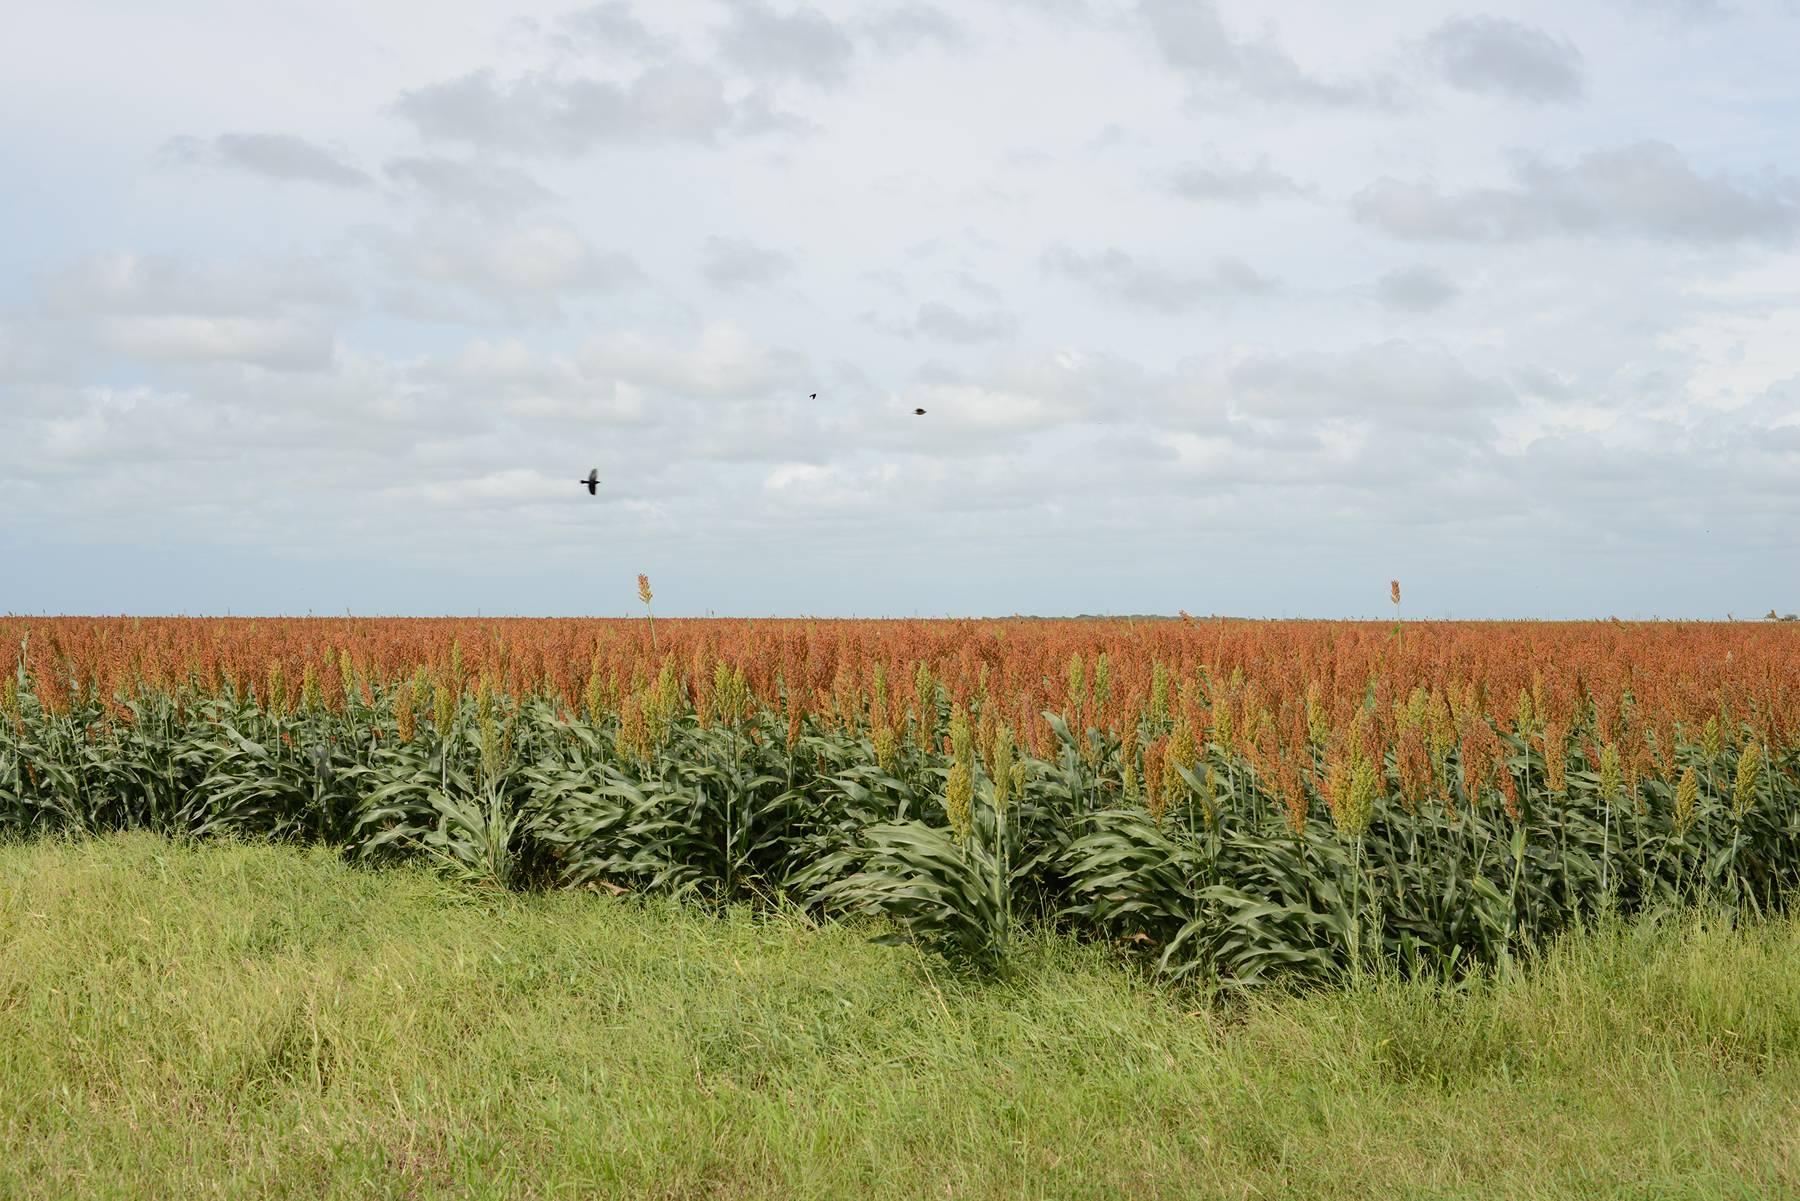 South Texas: Sorghum field with blackbirds near Falfurrias